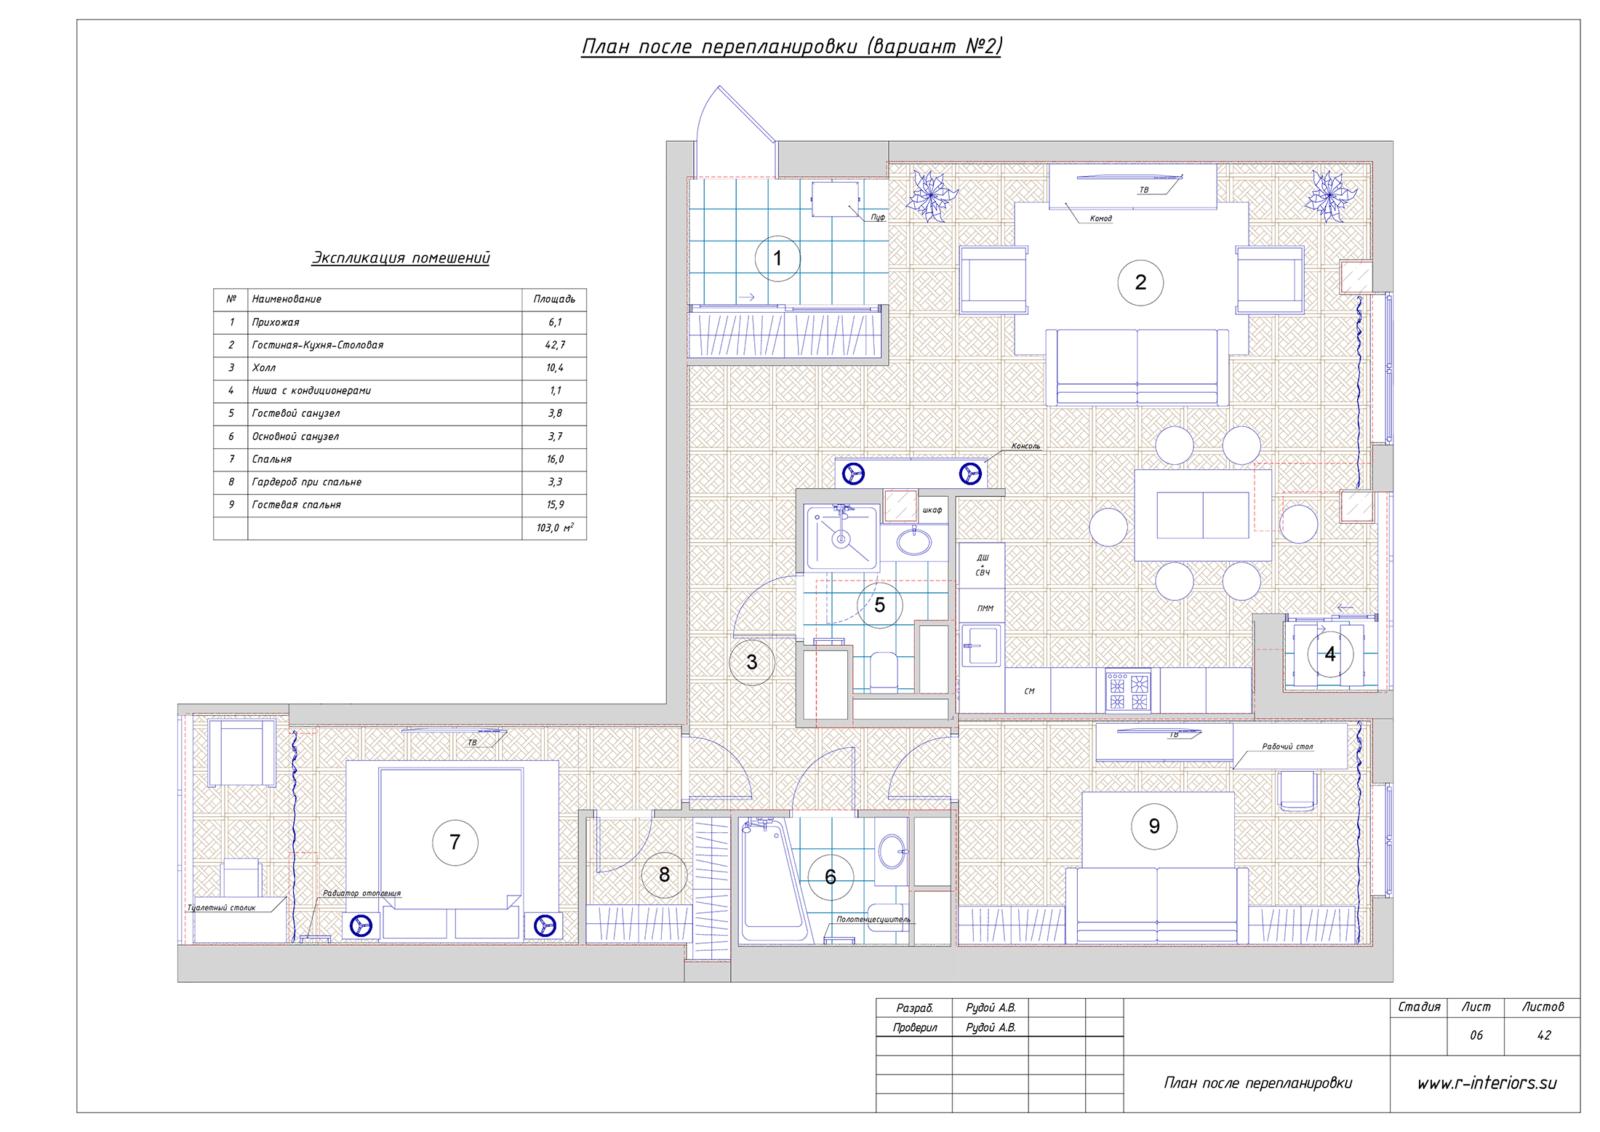 план после перепланировки вариант №2